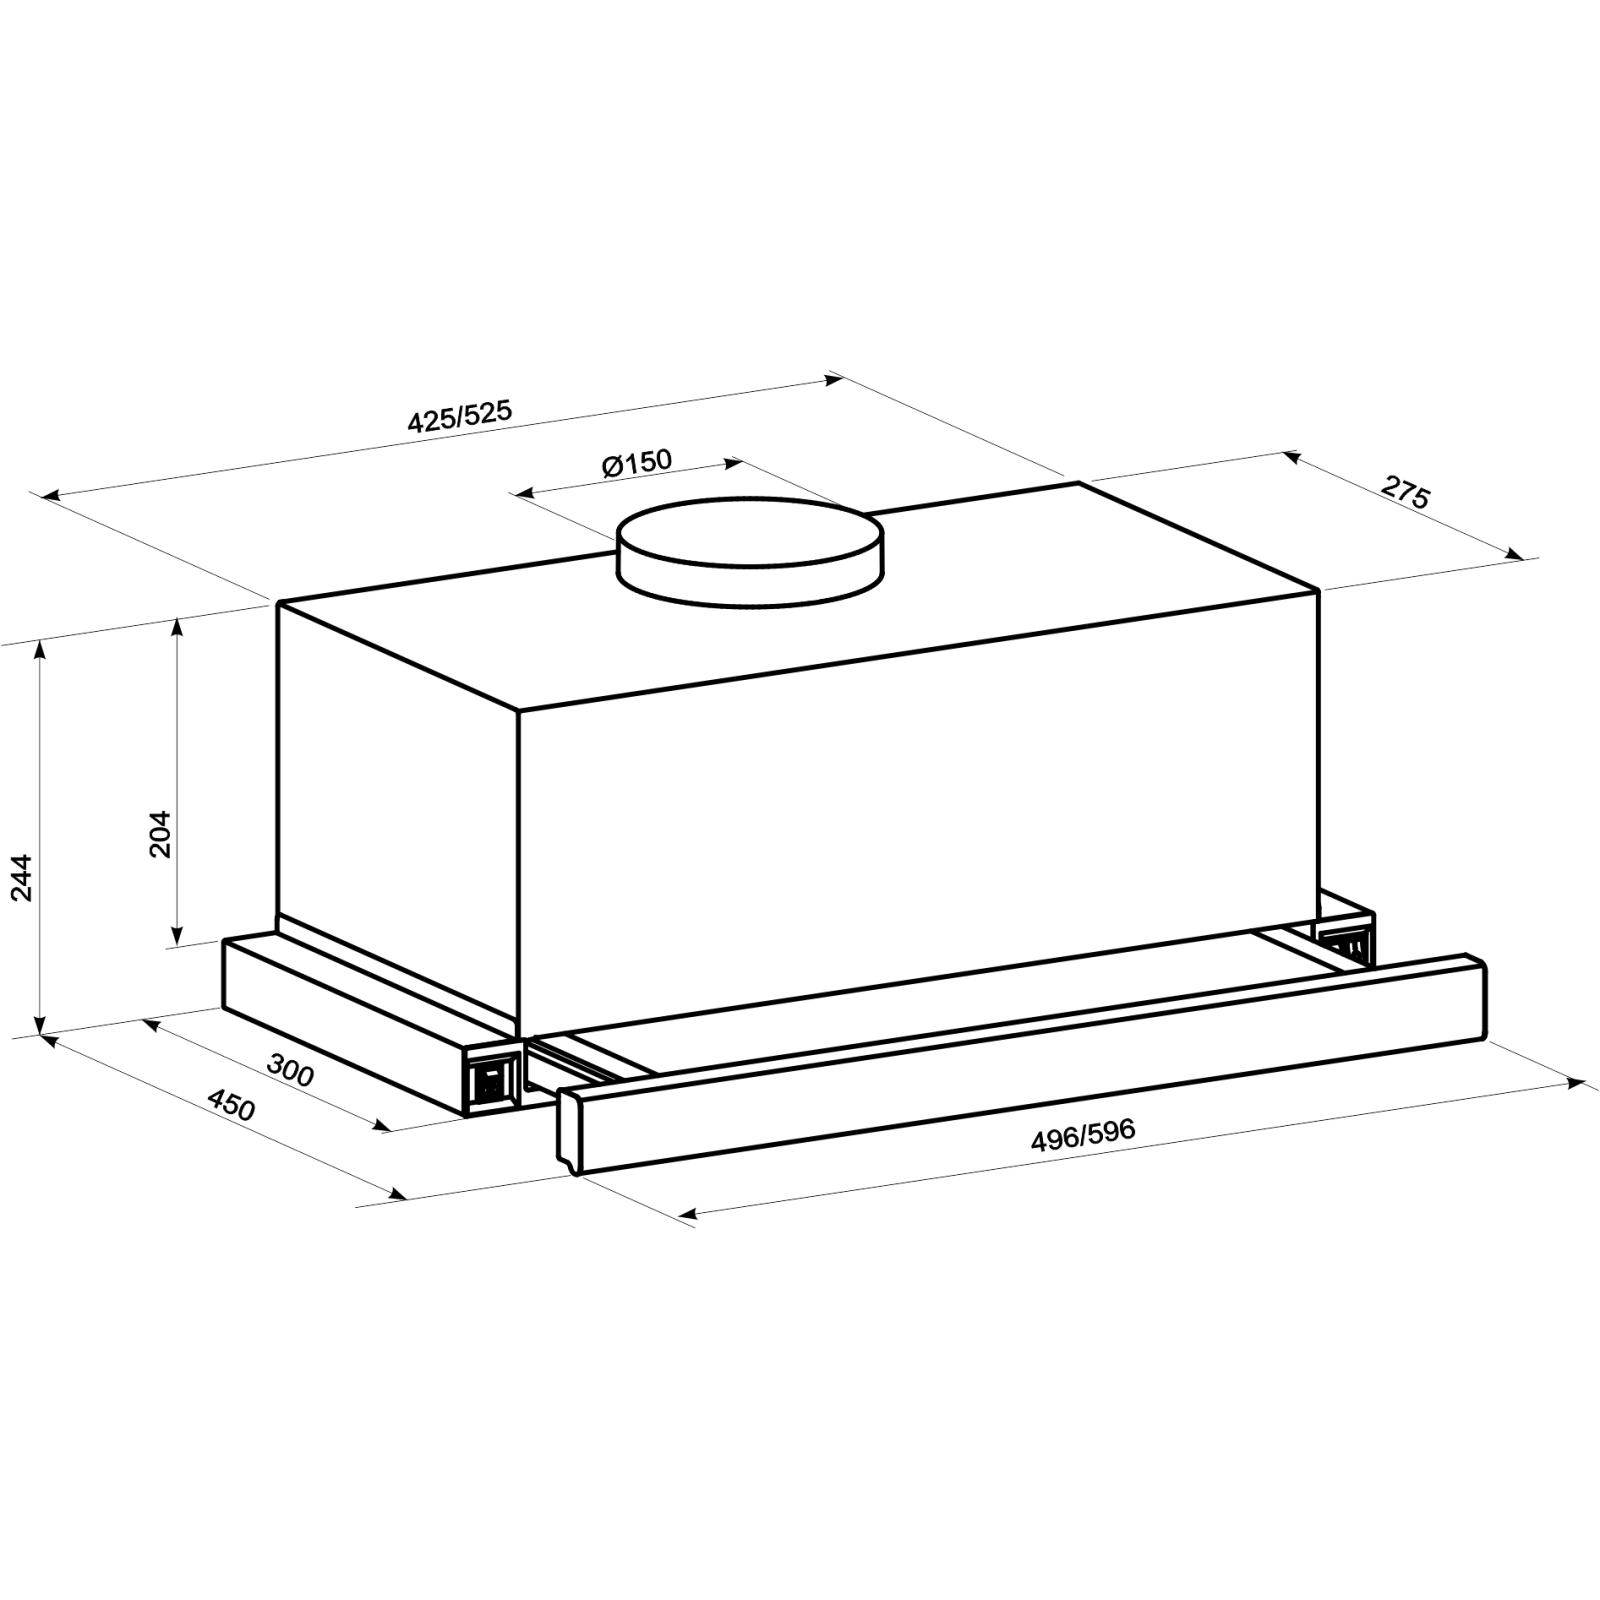 Вытяжка кухонная ELEYUS Storm 1200 LED 60 IS изображение 11